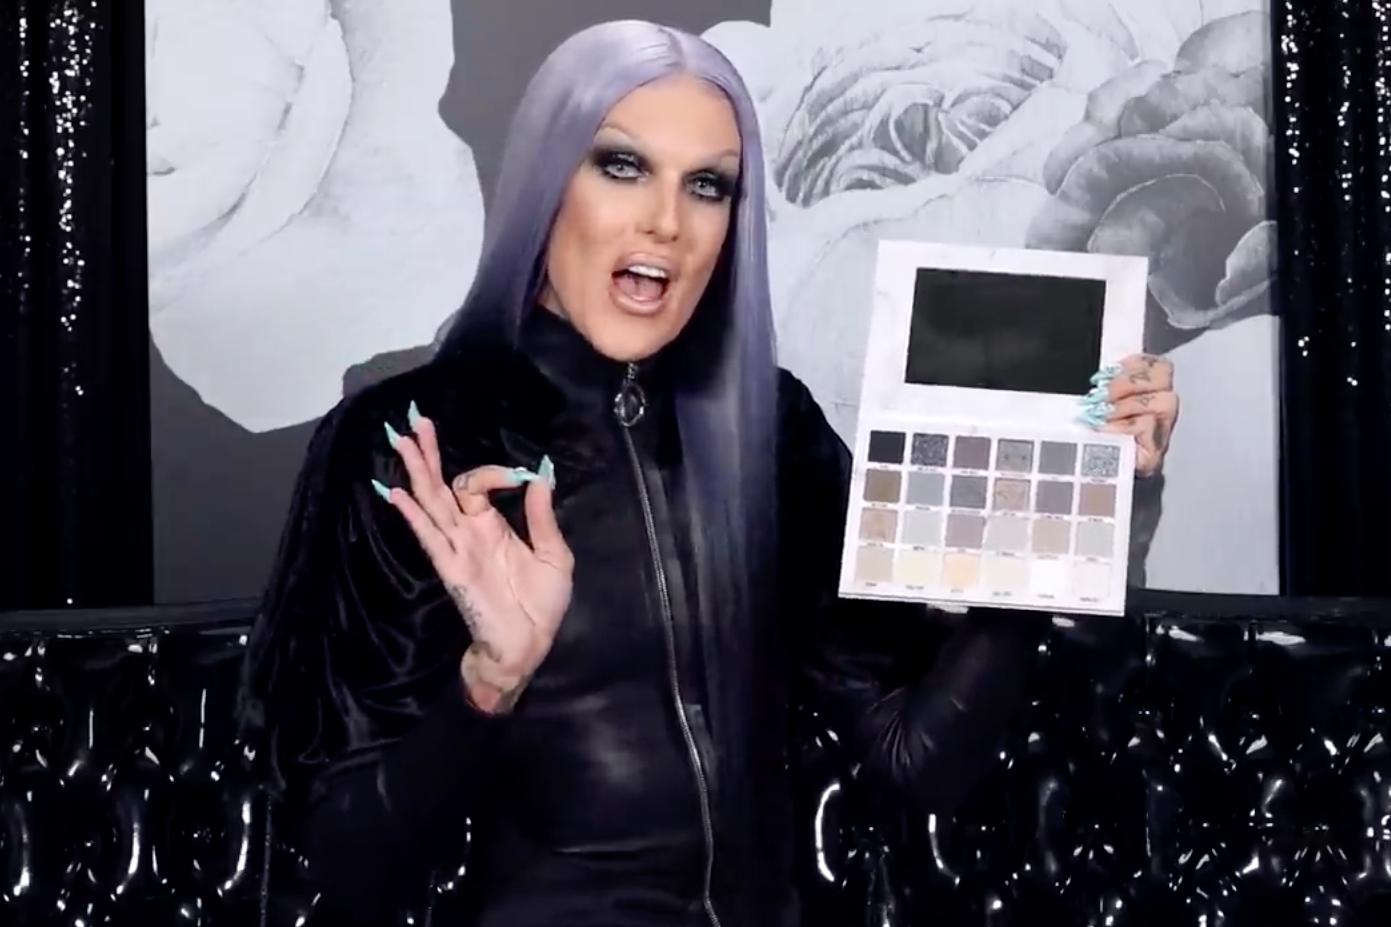 Jeffree Star defends 'Cremated' makeup palette after backlash